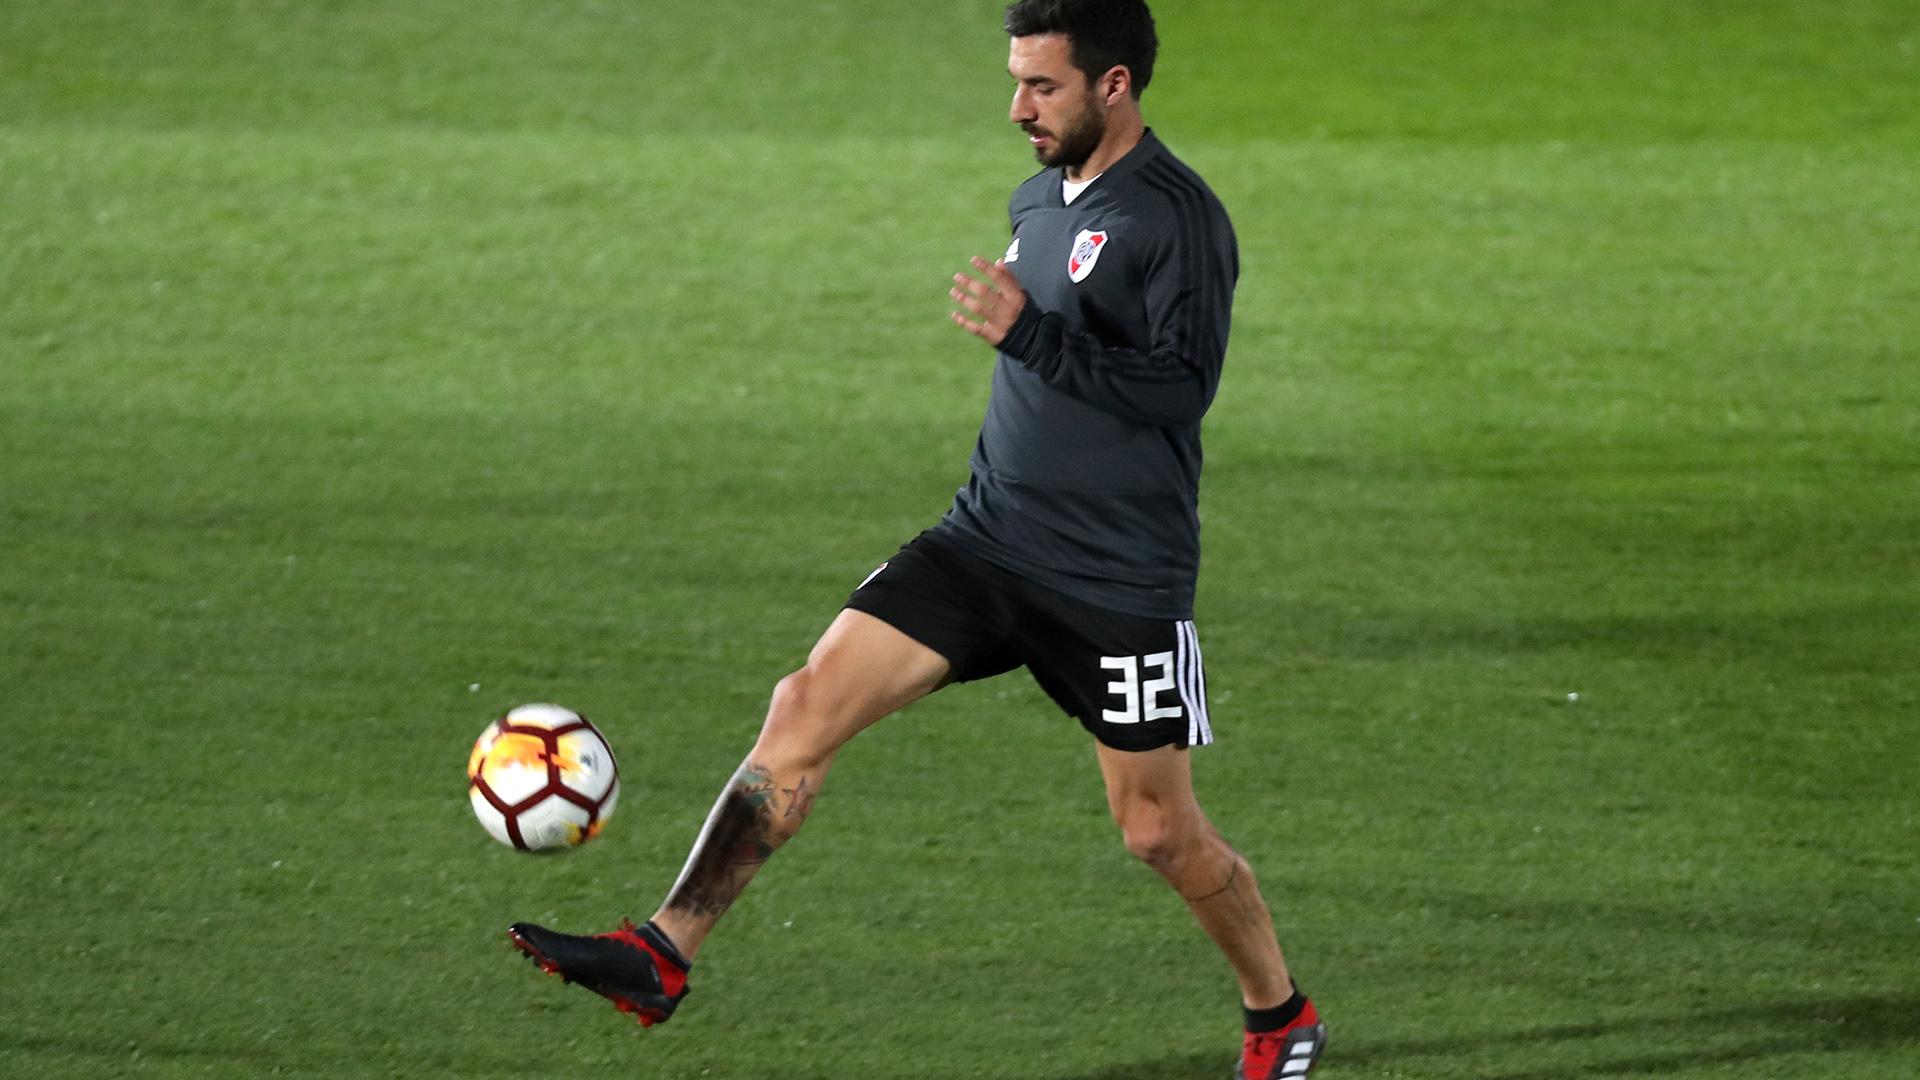 """Scocco, en el entrenamiento del """"Millonario"""" (Foto: REUTERS/Susana Vera)"""